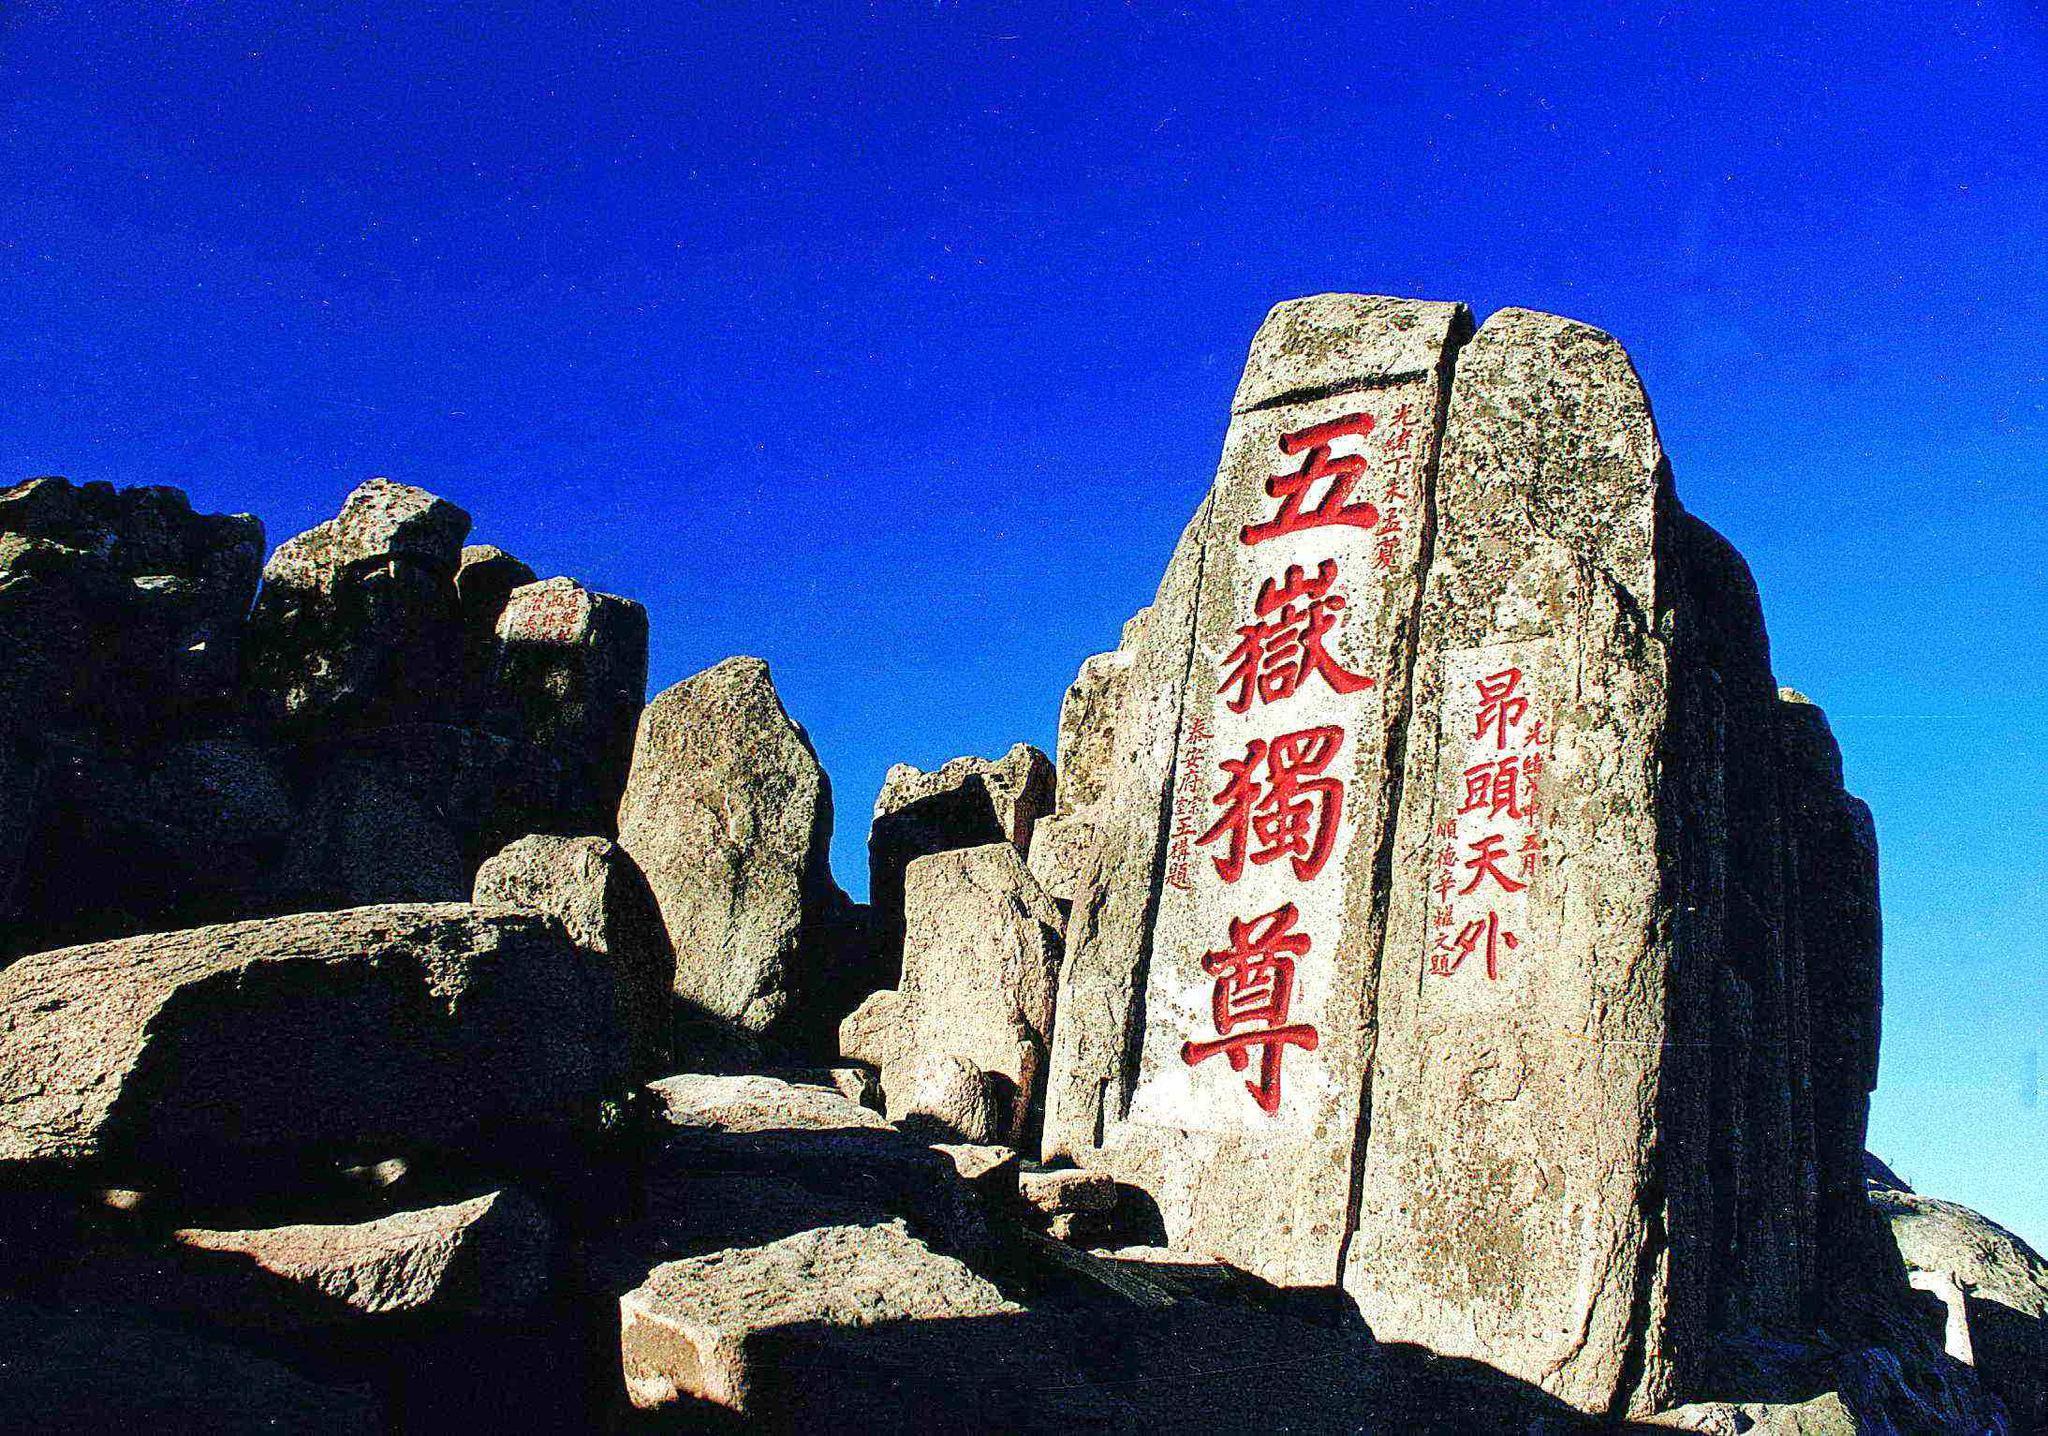 注意!泰山风景区发布五一期间服务通告,单日只接待3.4万人!